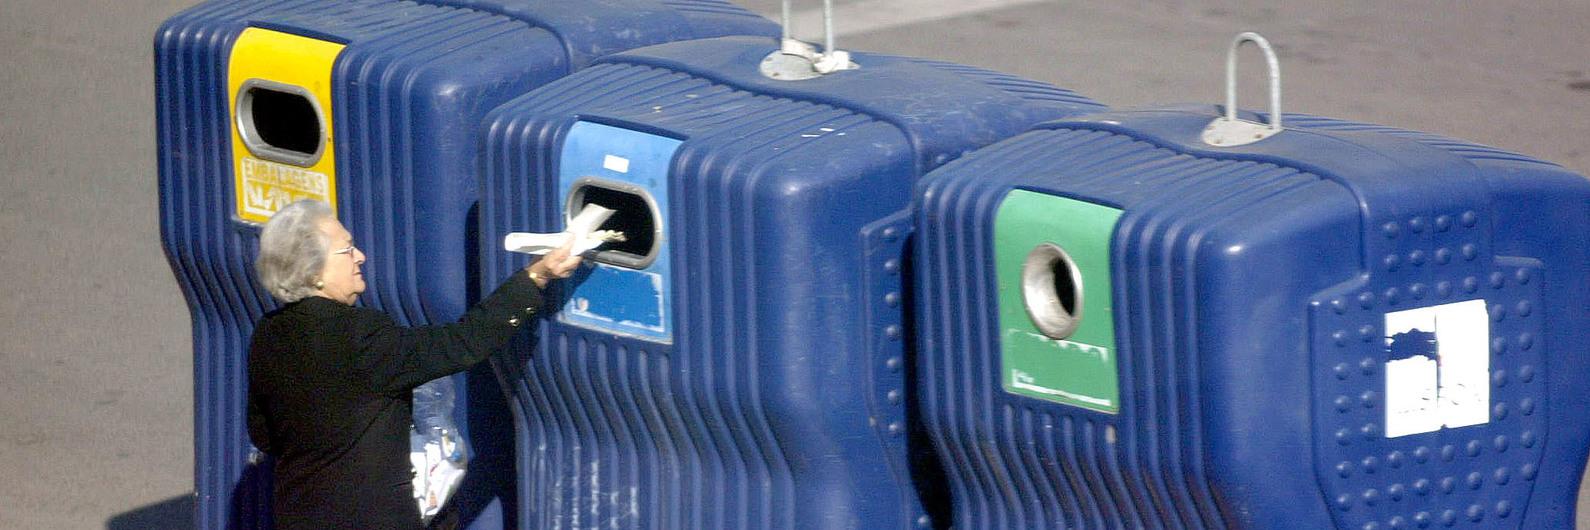 UE quer que Estados-membros reciclem 50% dos desperdícios até 2020